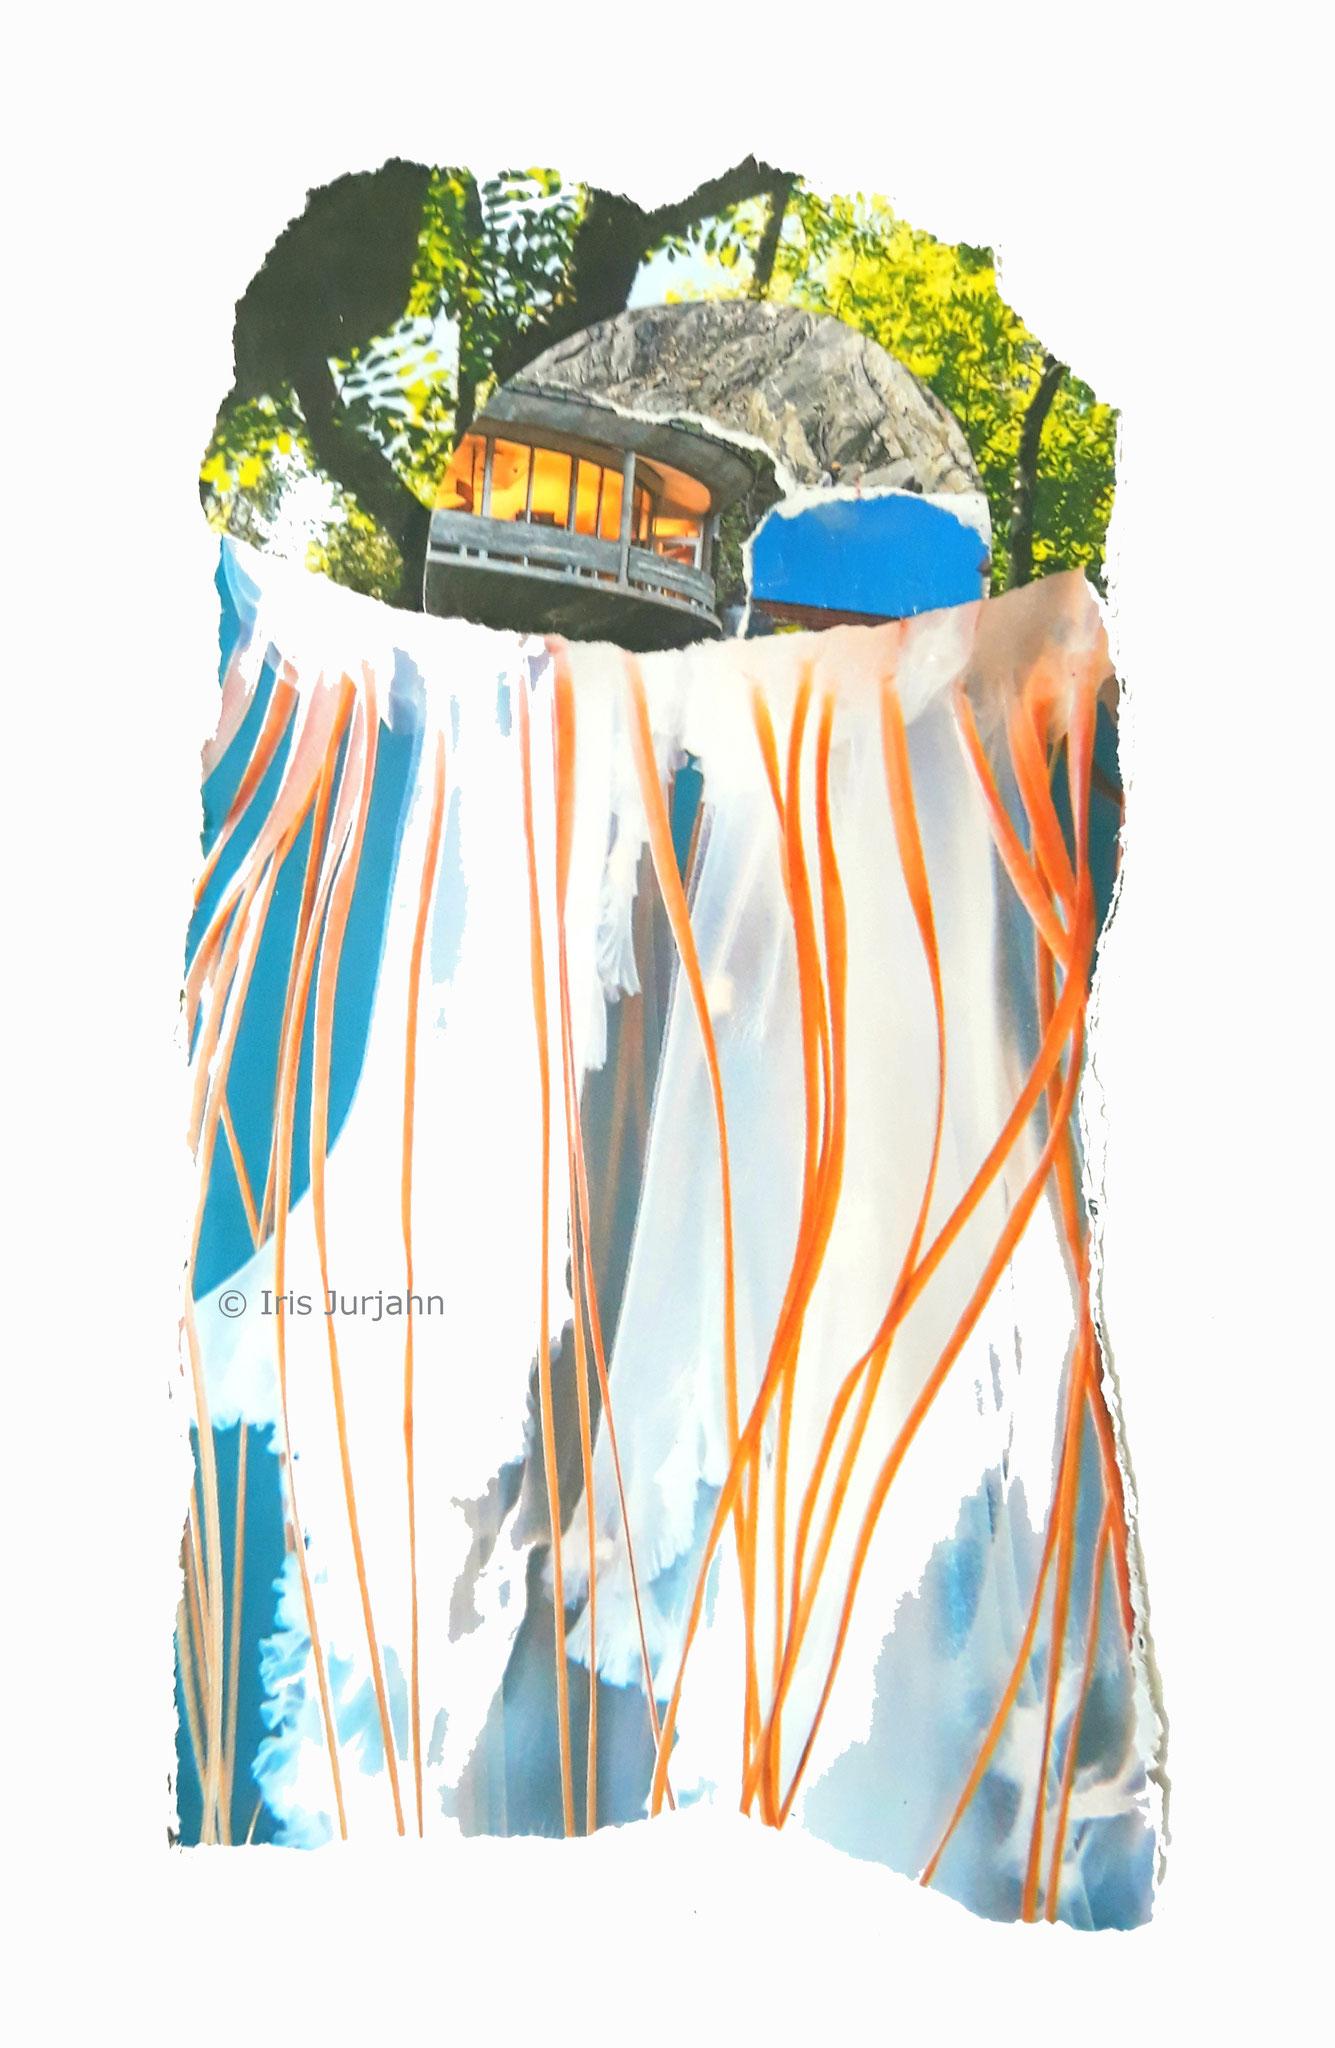 Jellyfish, Papiercollage, 26 x 20 cm (inkl. Objektrahmen), 2019